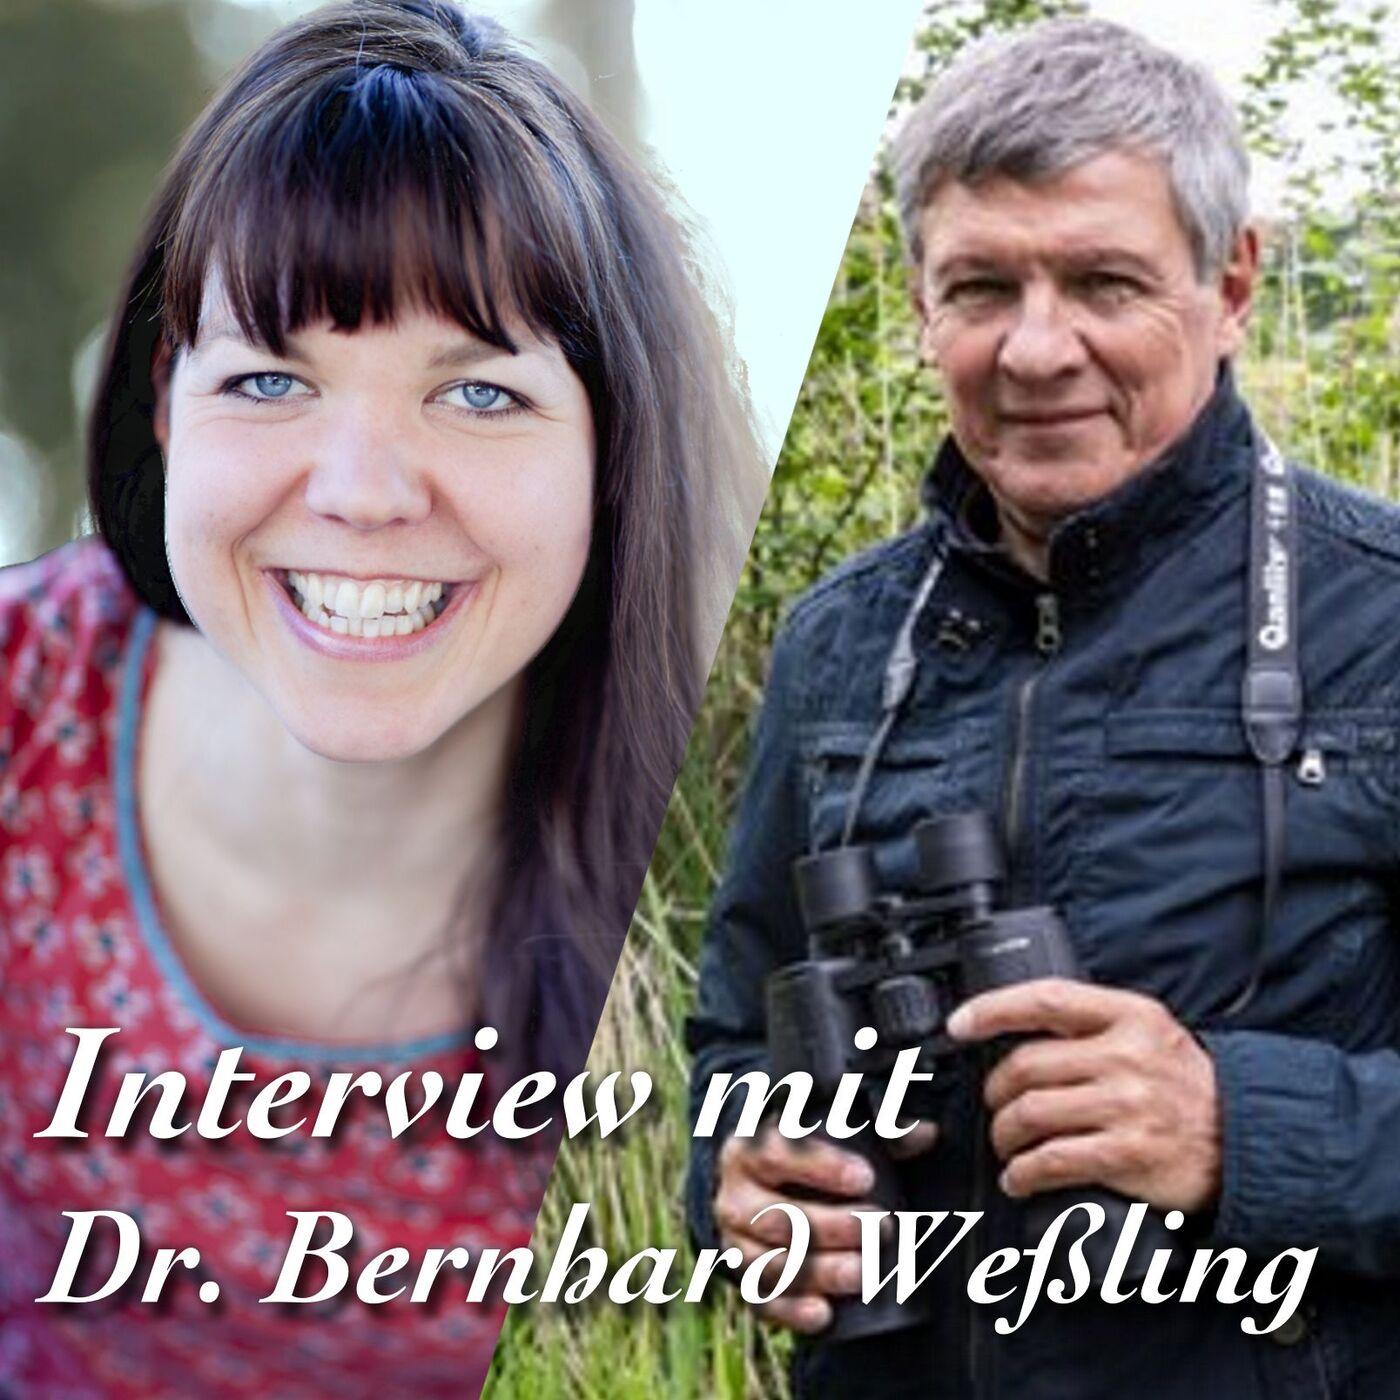 Interview mit Dr. Bernhard Wessling